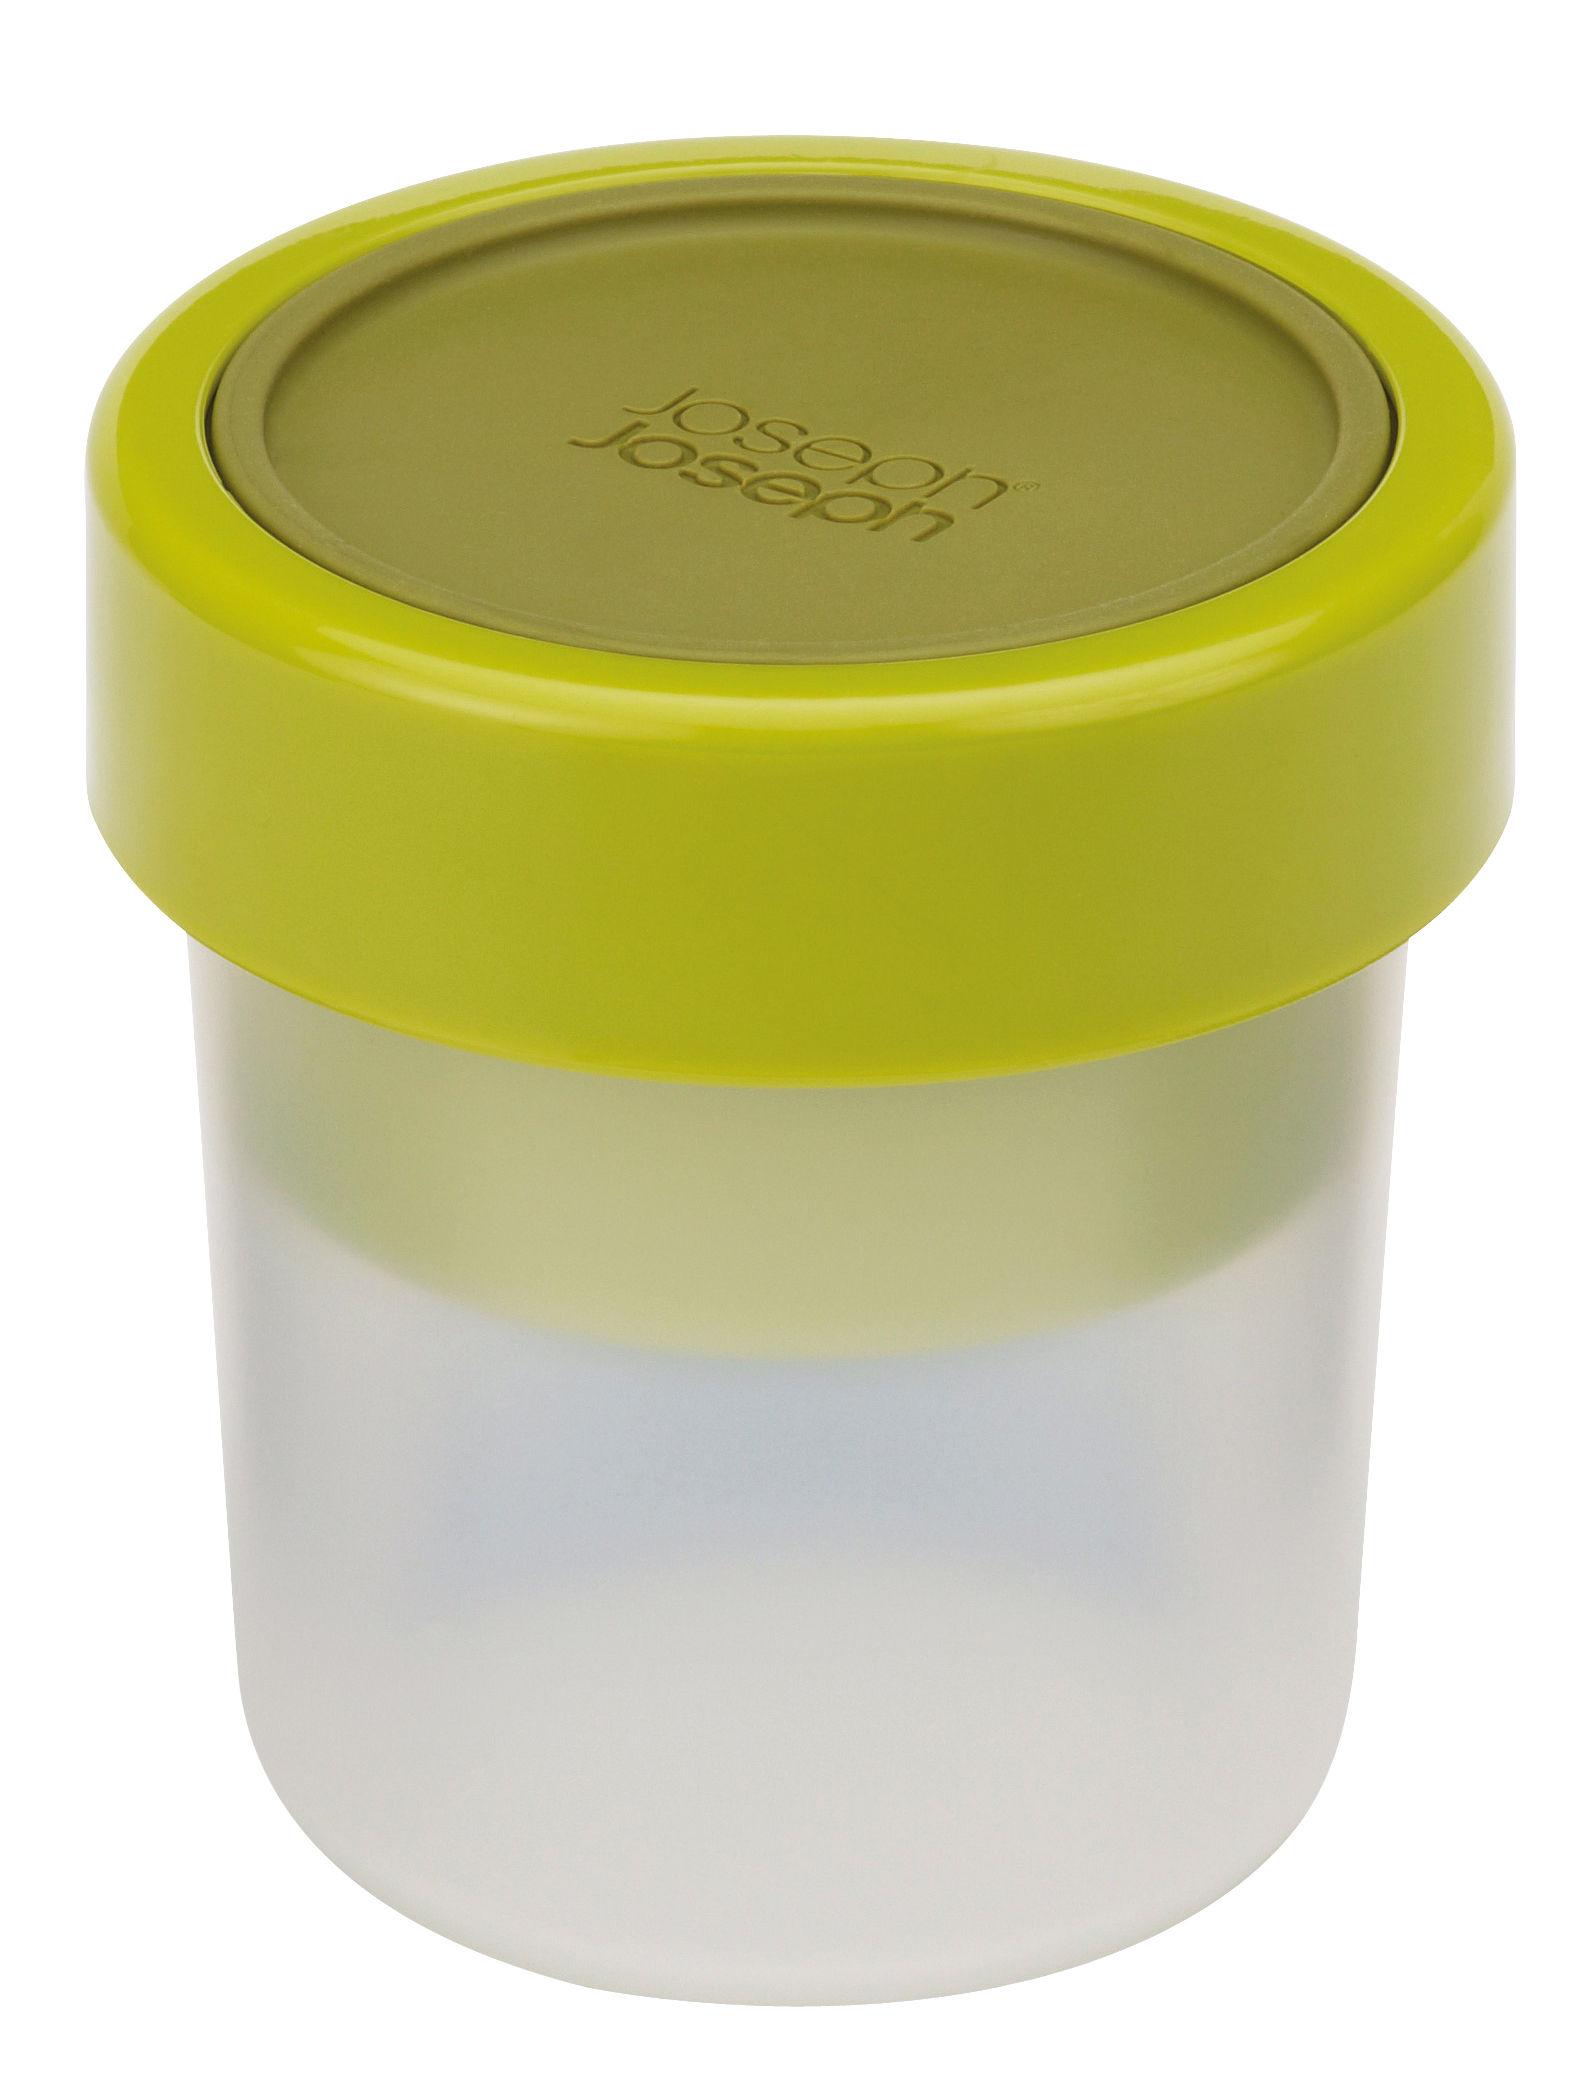 Cucina - Lattine, Pentole e Vasi - Contenitore ermetico GoEat - / Spuntino - Set da 2 scatole impilabili di Joseph Joseph - Verde - Polipropilene, Silicone